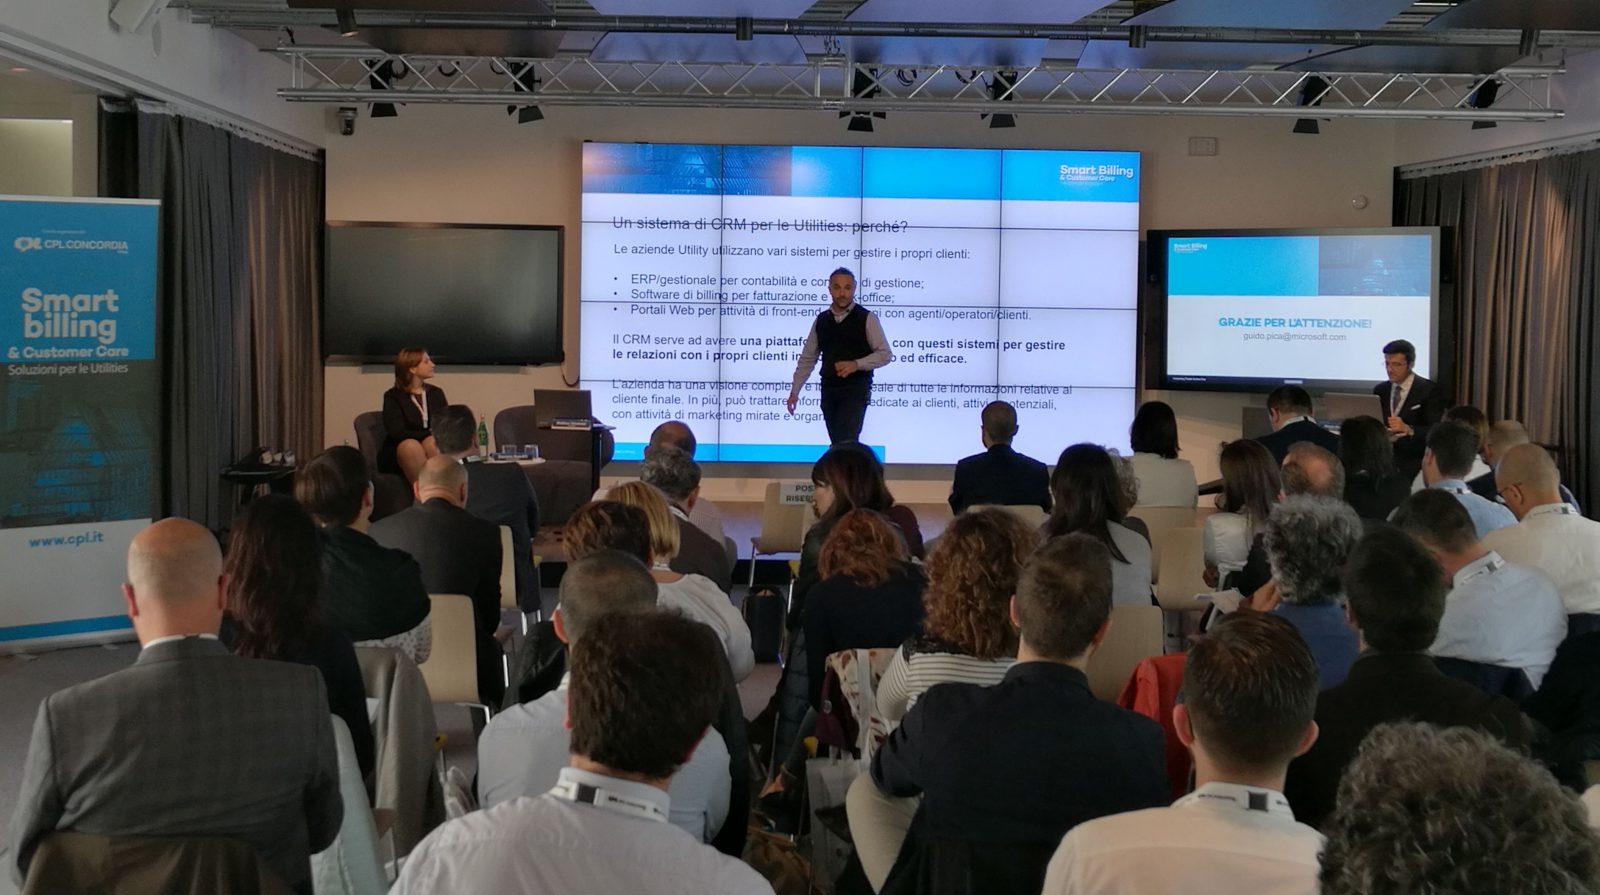 Matteo Veronesi di X DataNet spiega cme funziona il CRM per le Utility